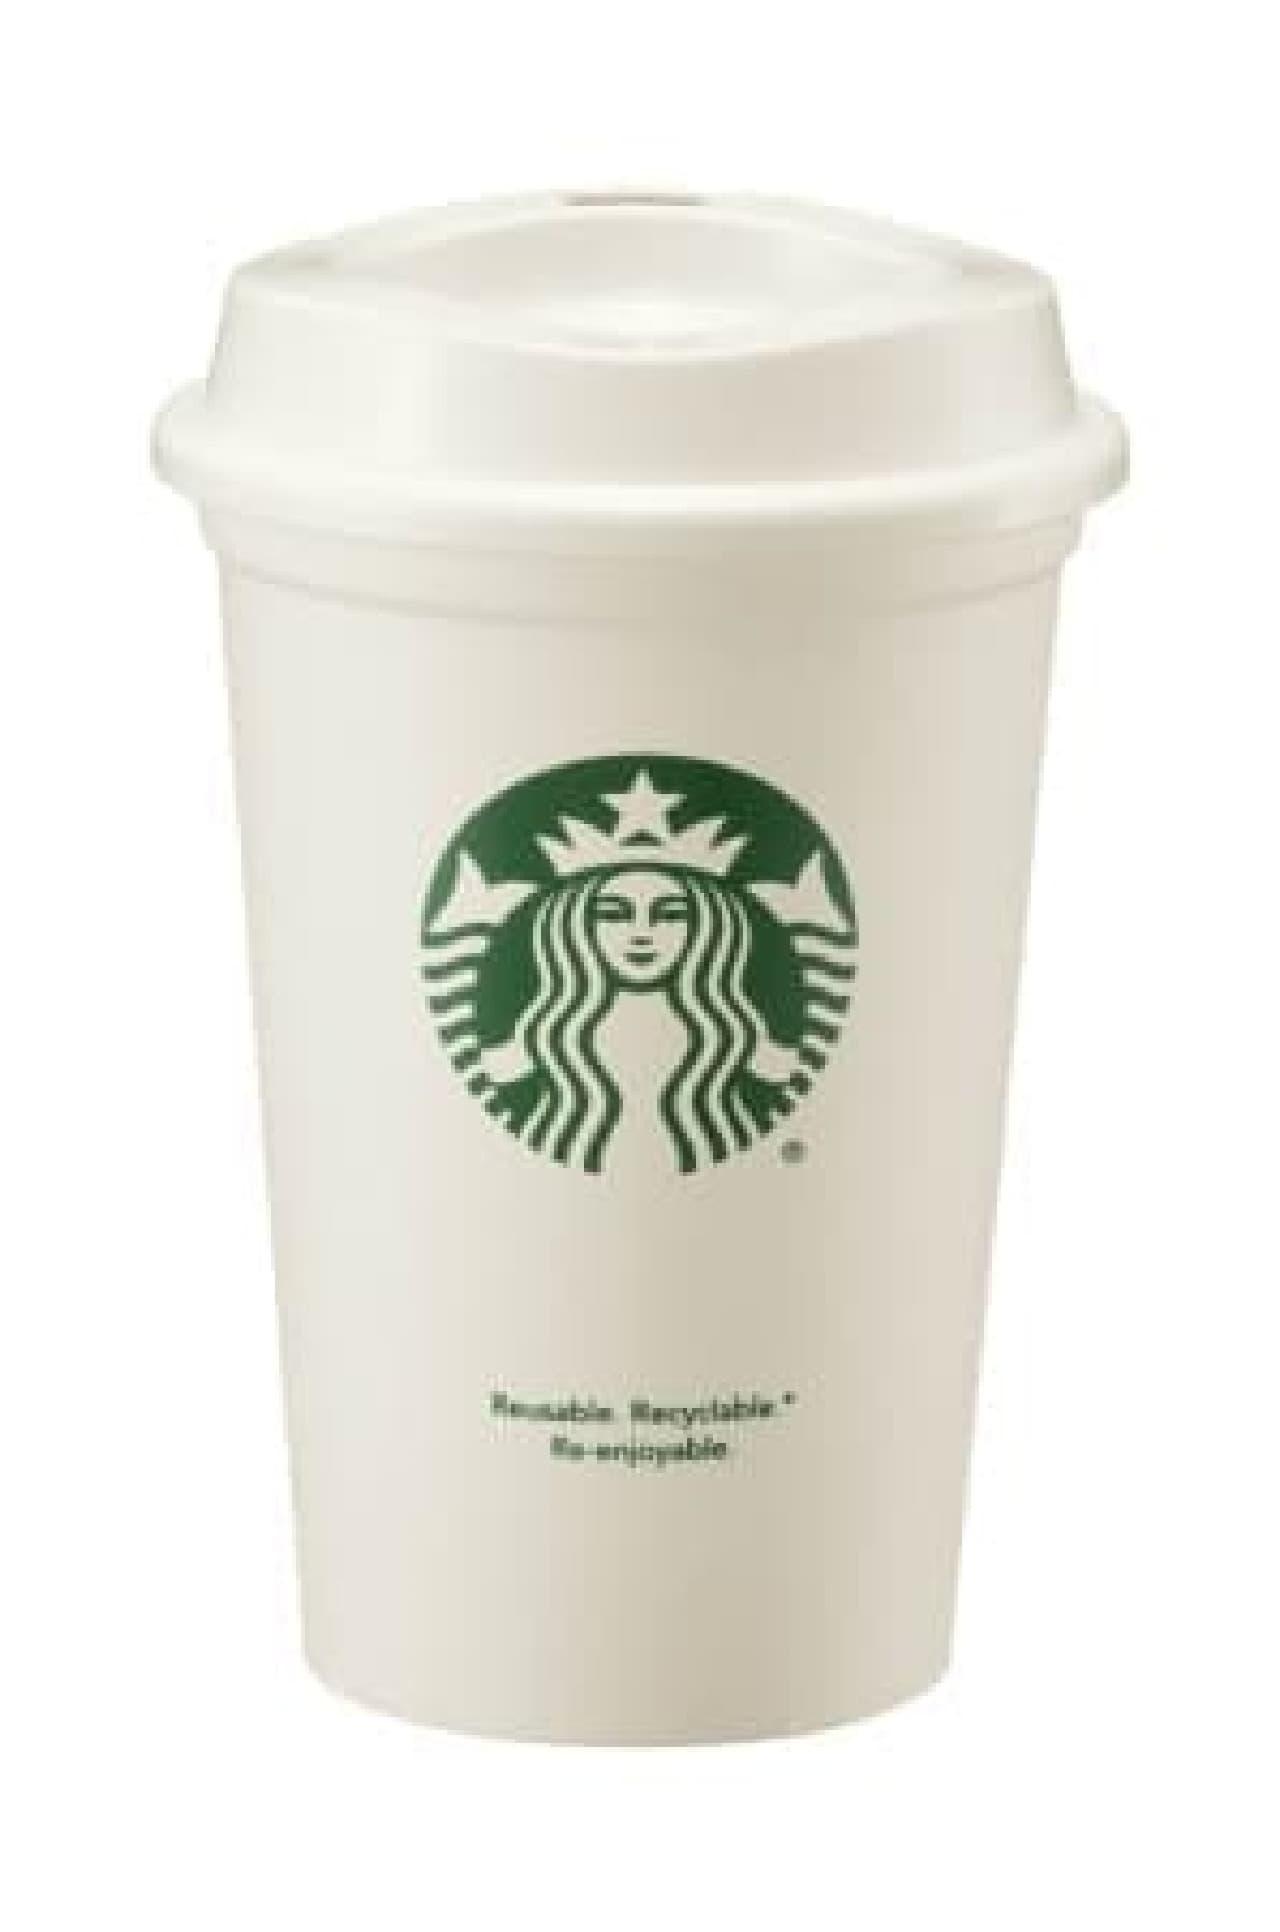 真っ赤なカップホルダーが可愛い♪--「スターバックス ホリデー チアー ギフト」は素敵な3点セット